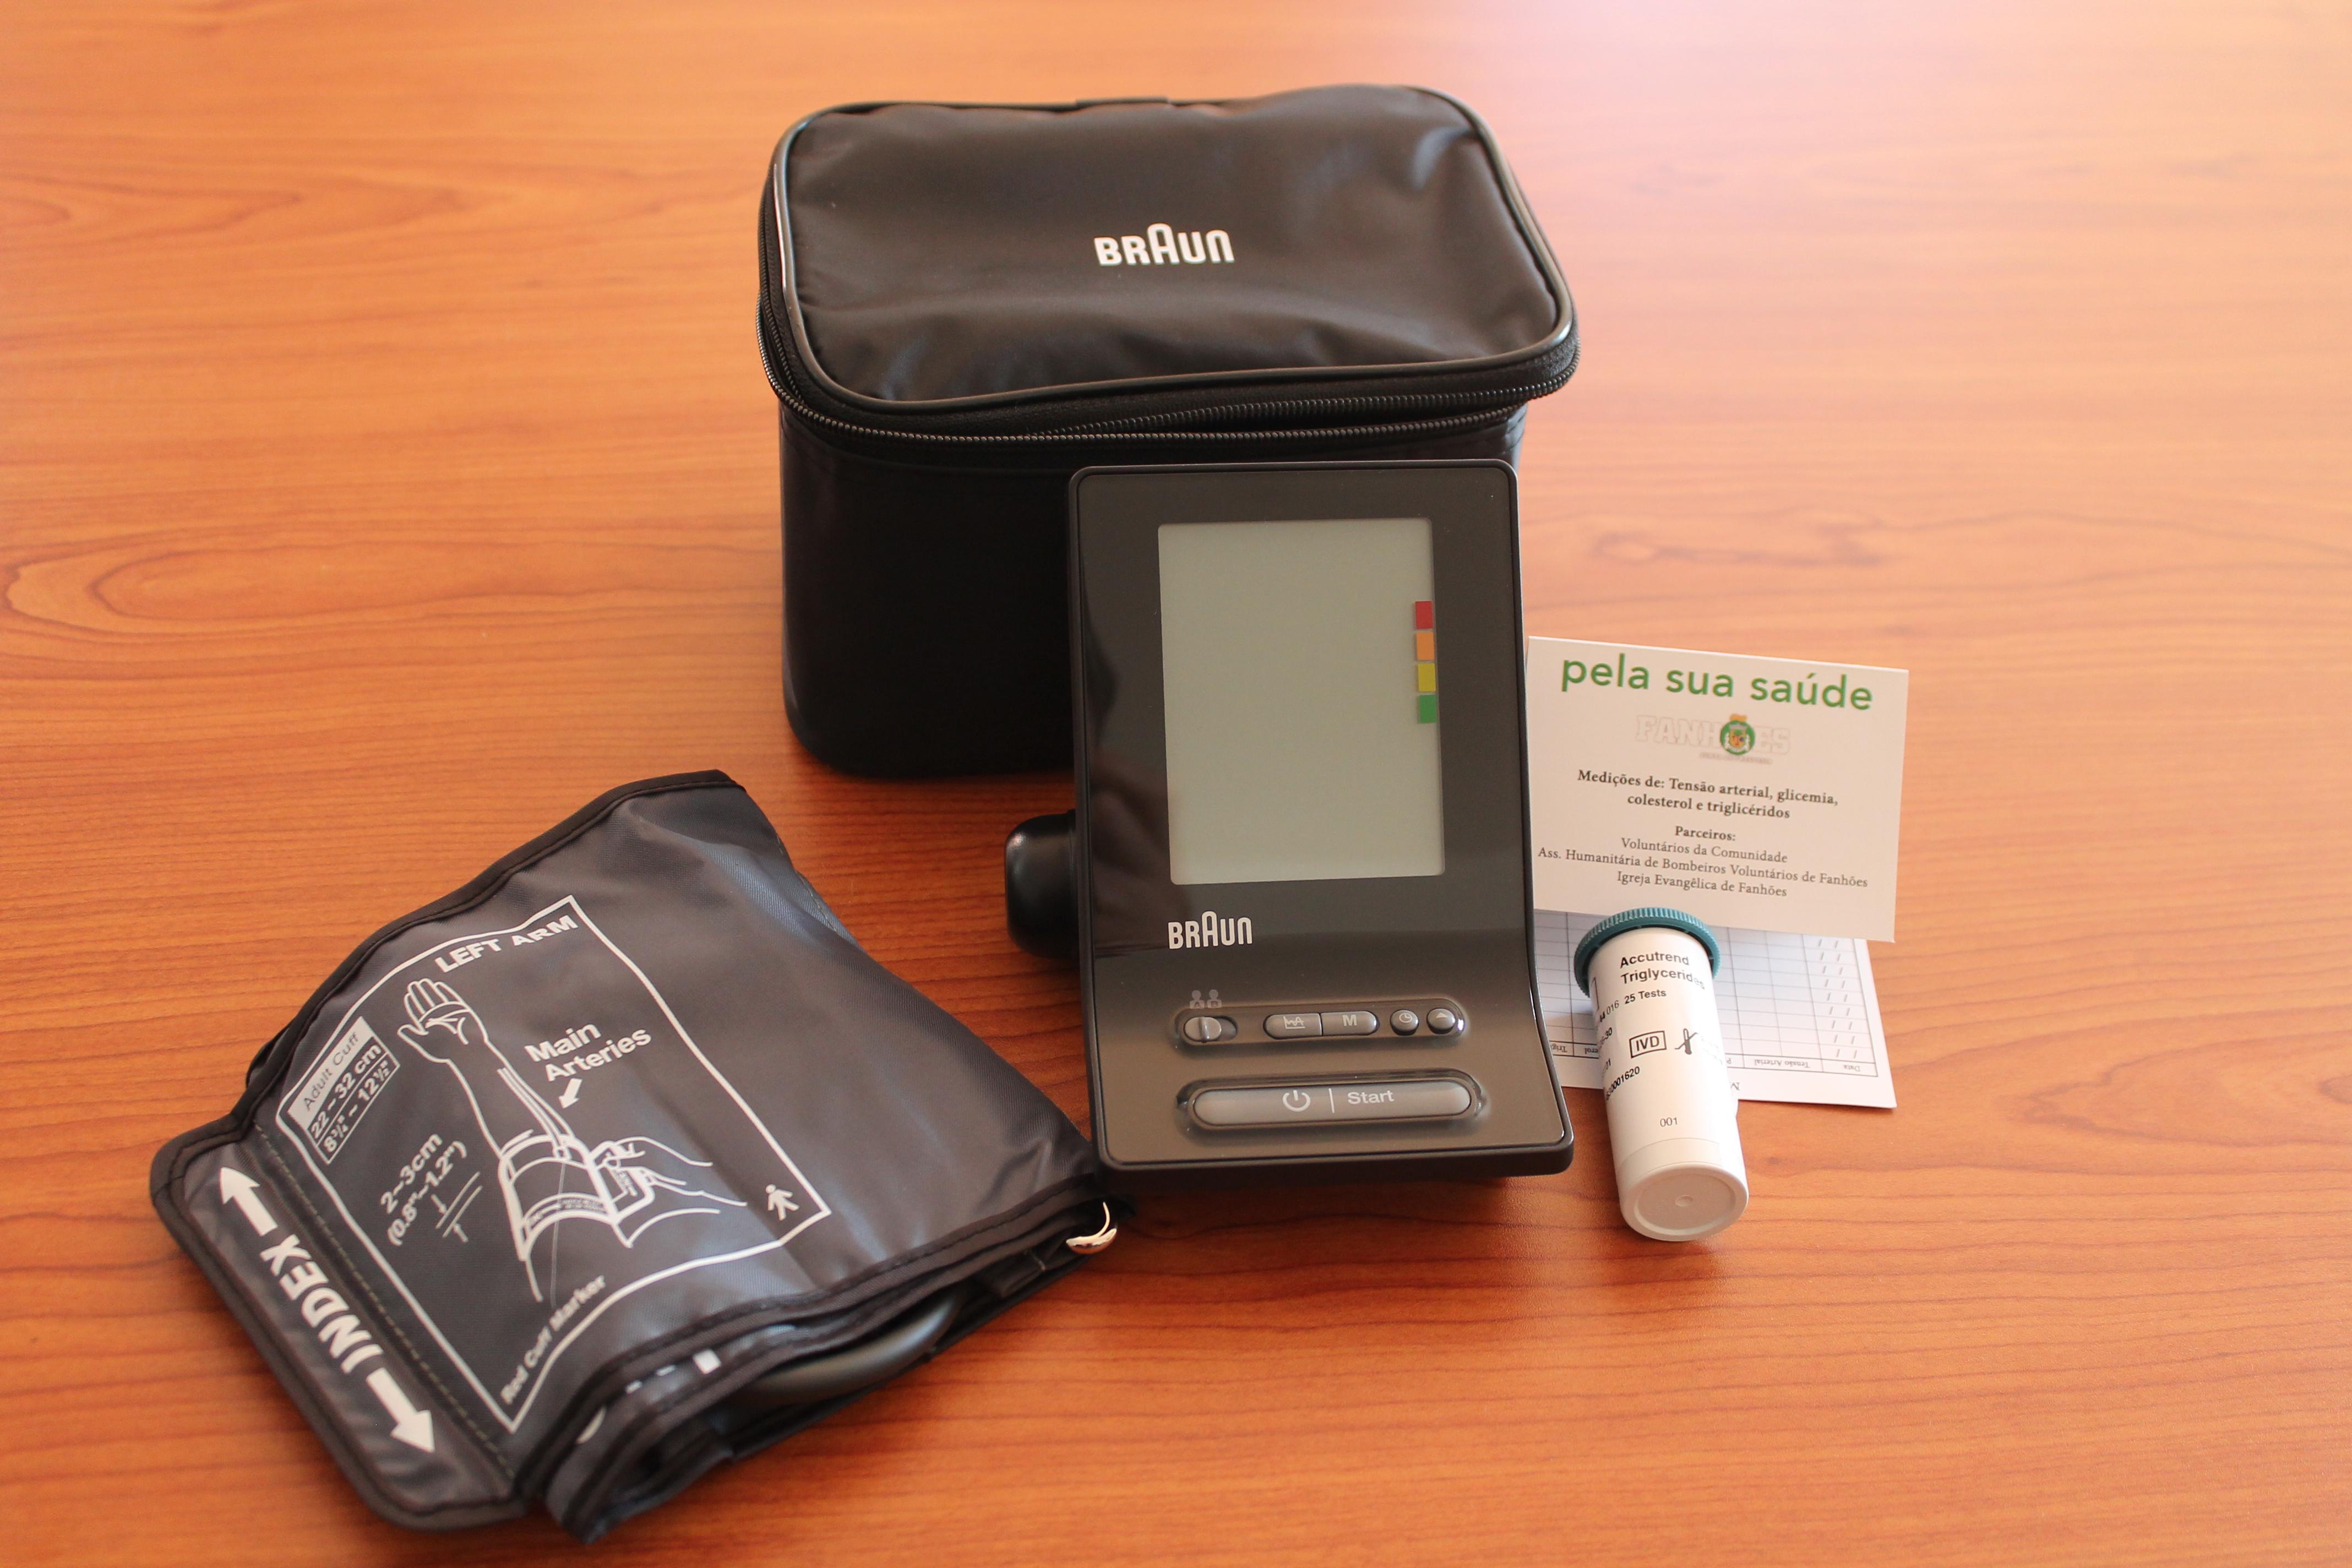 """Novos aparelhos de medição de Tensão Arterial. Novo teste de diagnóstico aos Triglicéridos e novos cartões, sempre em beneficio das pessoas e """"Pela Sua Saúde"""" !"""